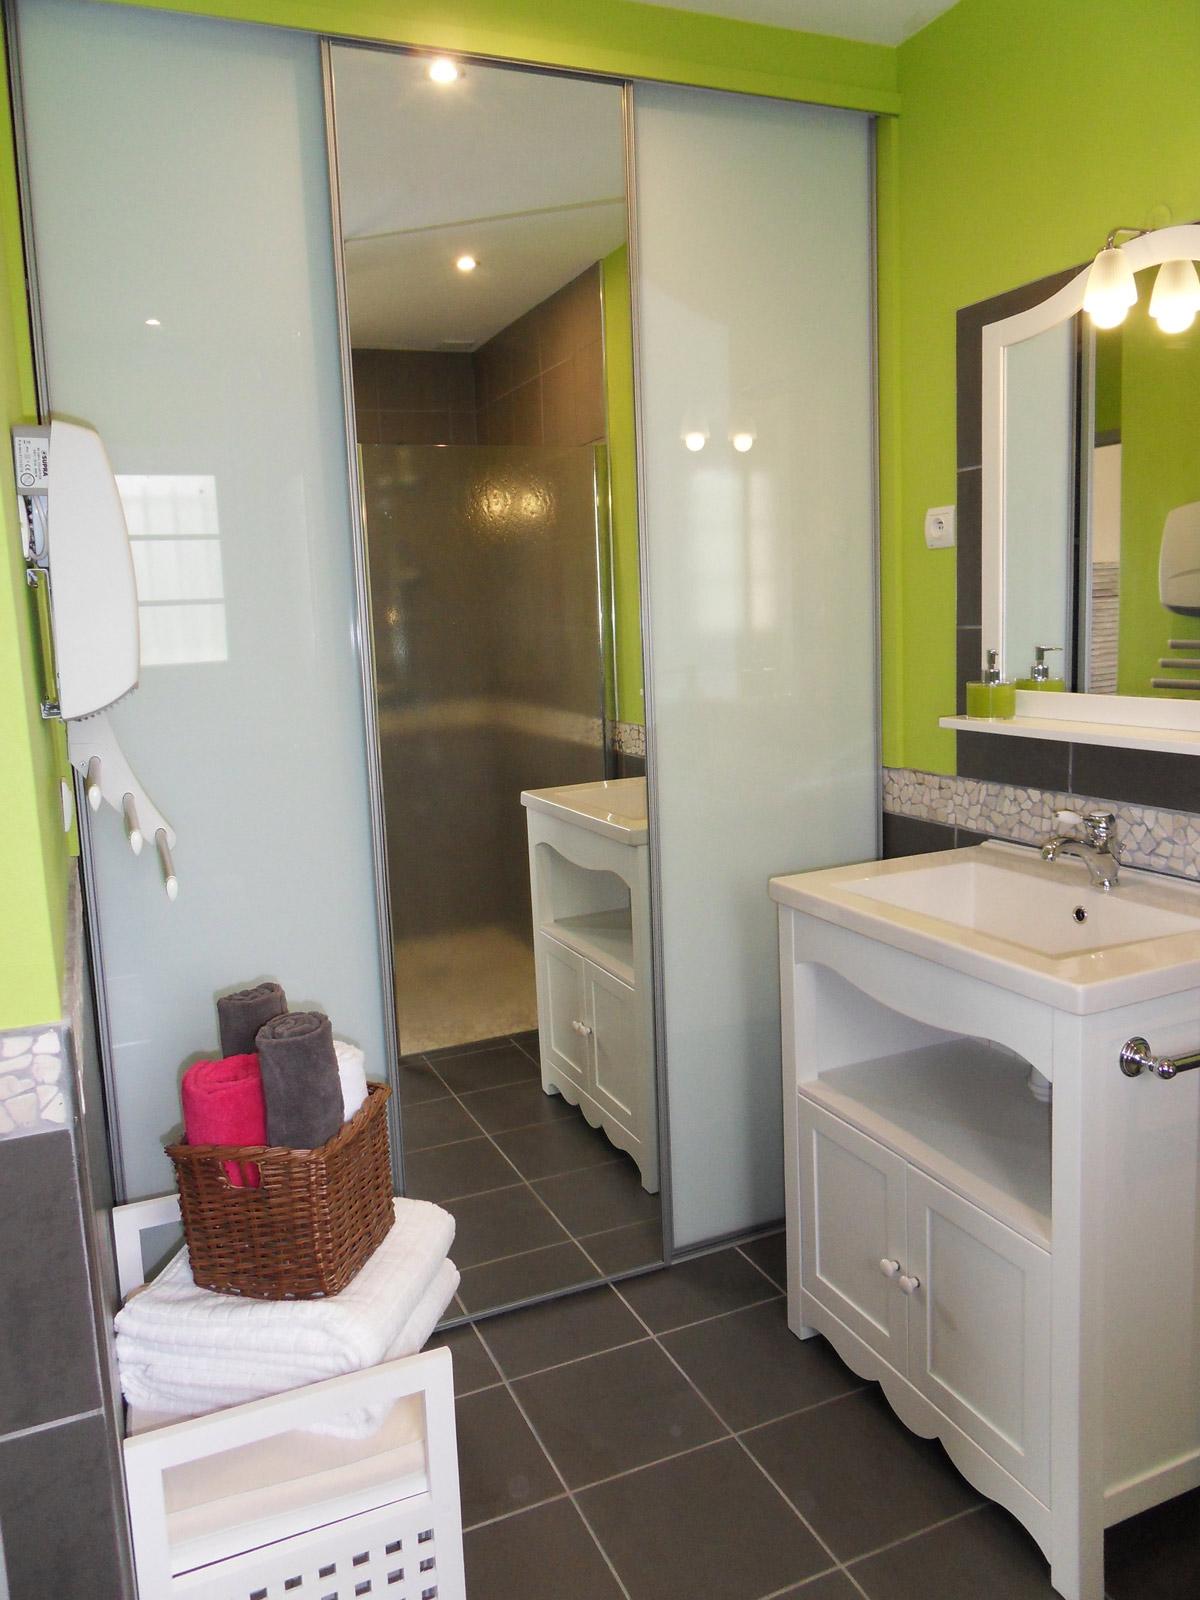 claire chareire casa salamandre albi chambre d 39 h tes tarn tourisme. Black Bedroom Furniture Sets. Home Design Ideas